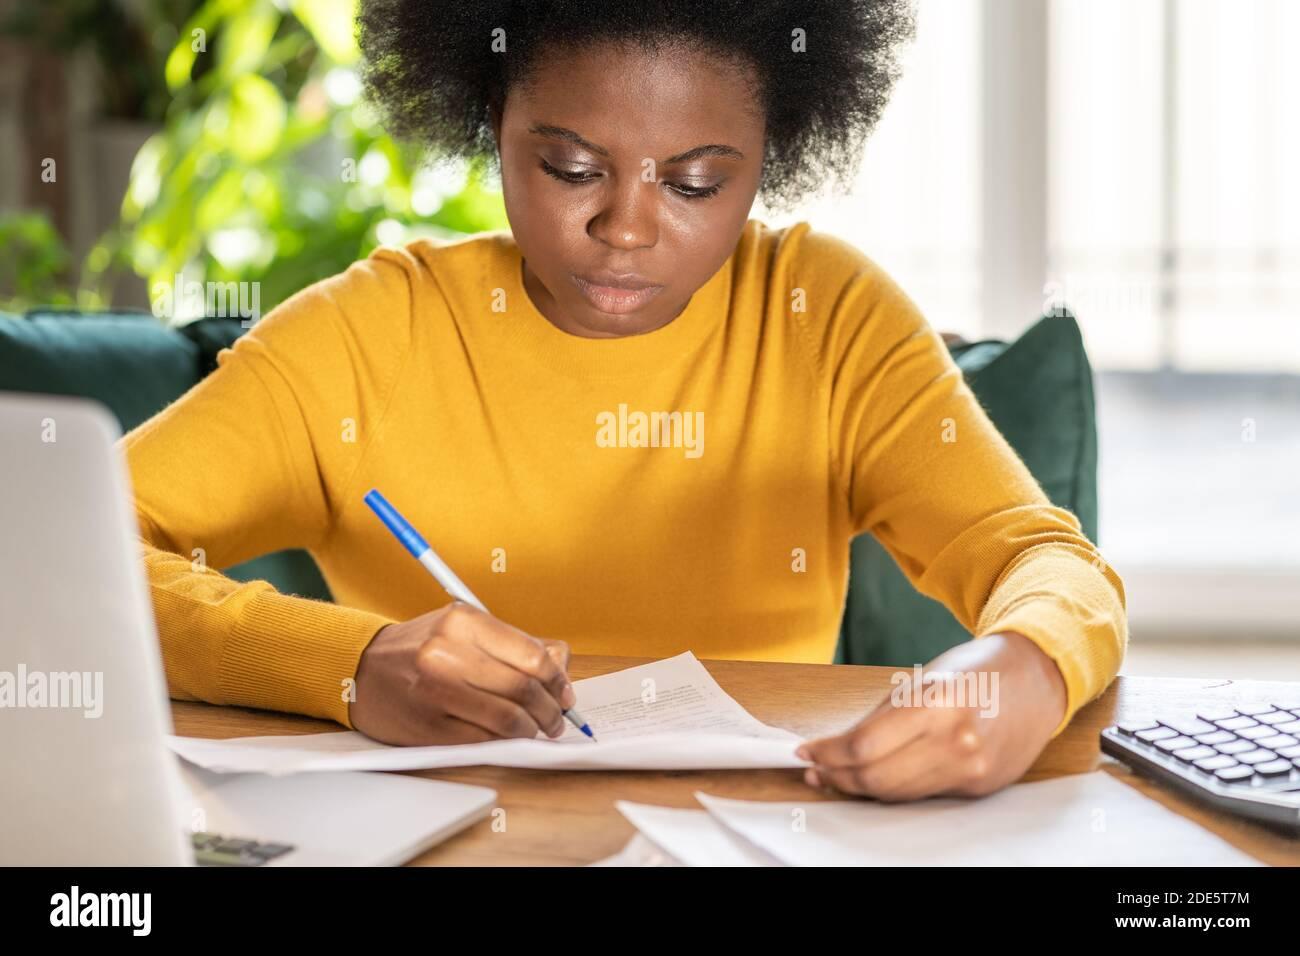 Mujer negra empleada o gerente de trabajo remoto en casa durante el cierre, toma notas con el lápiz, trabaja con documentos en papel. Trabajador de oficina durante una pande Foto de stock